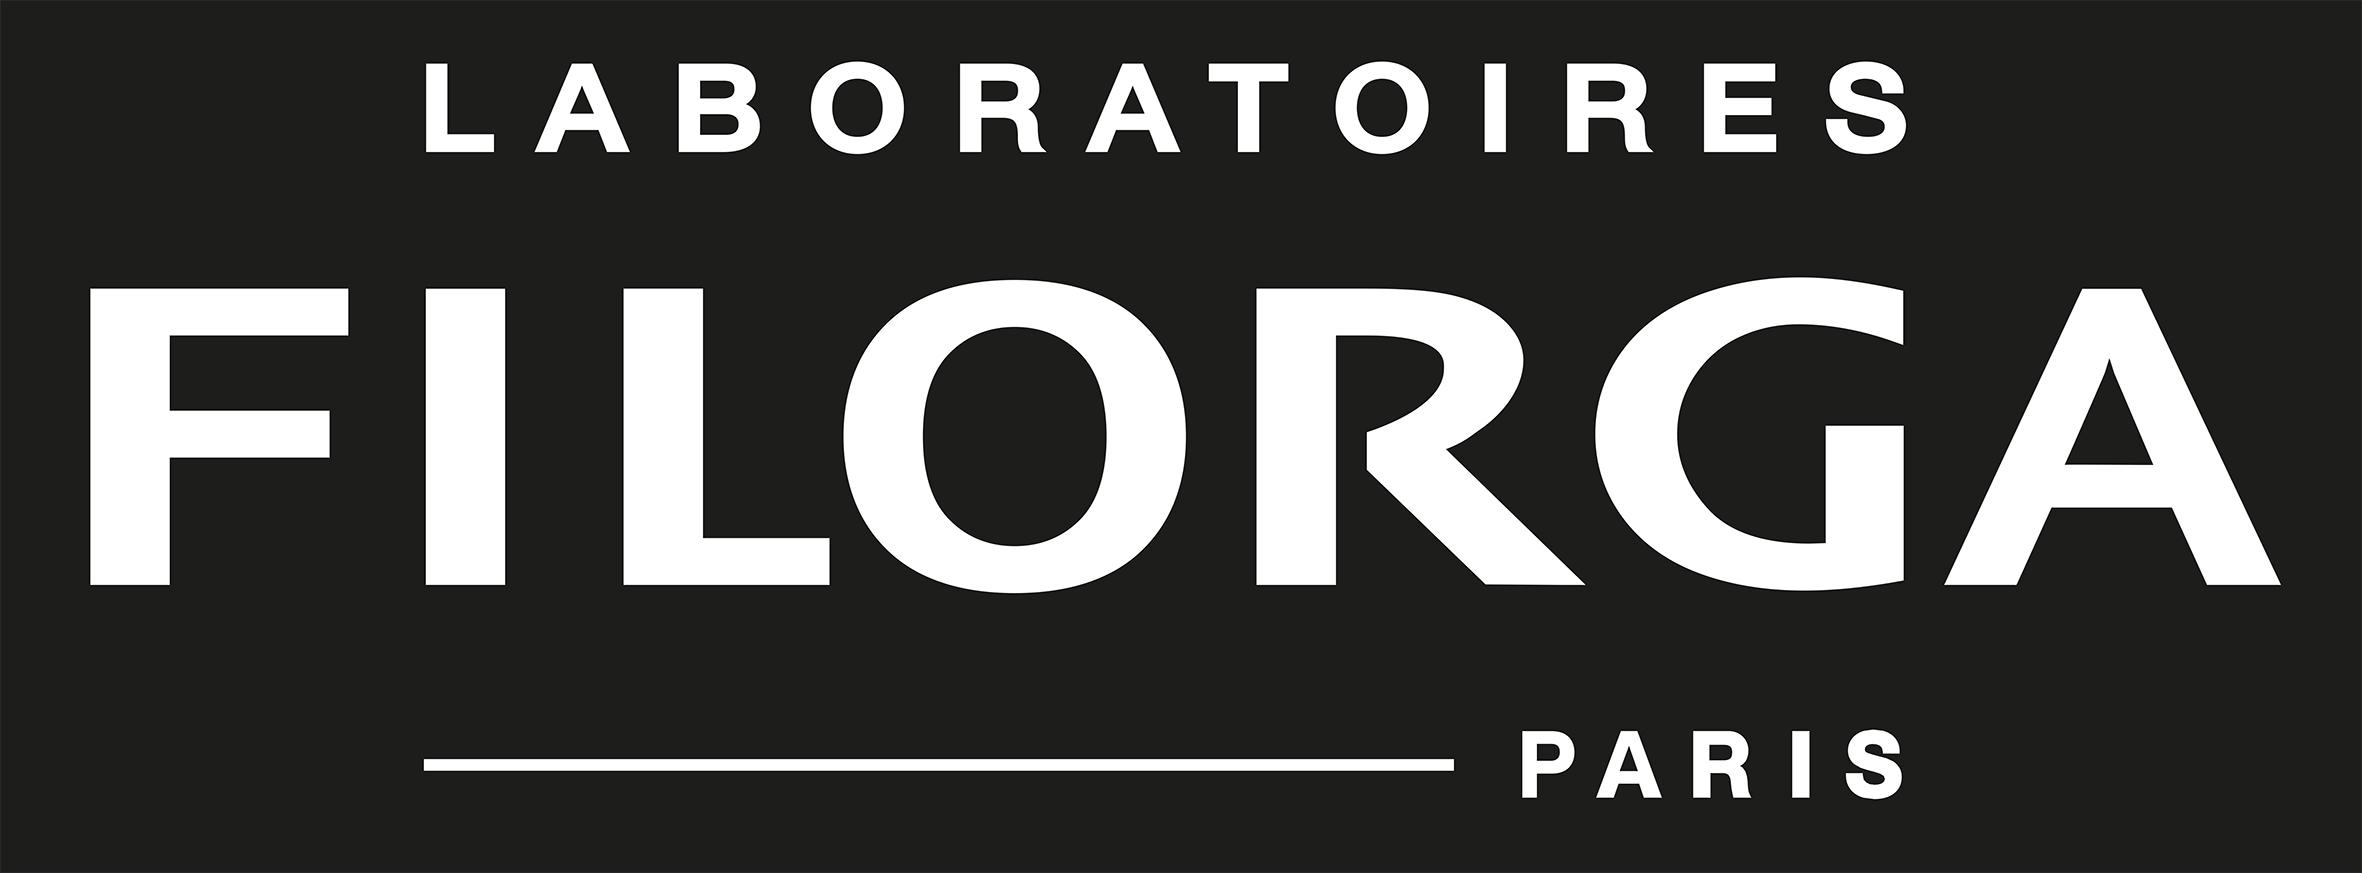 LABORATOIRES FILORGA COSMETIQUES